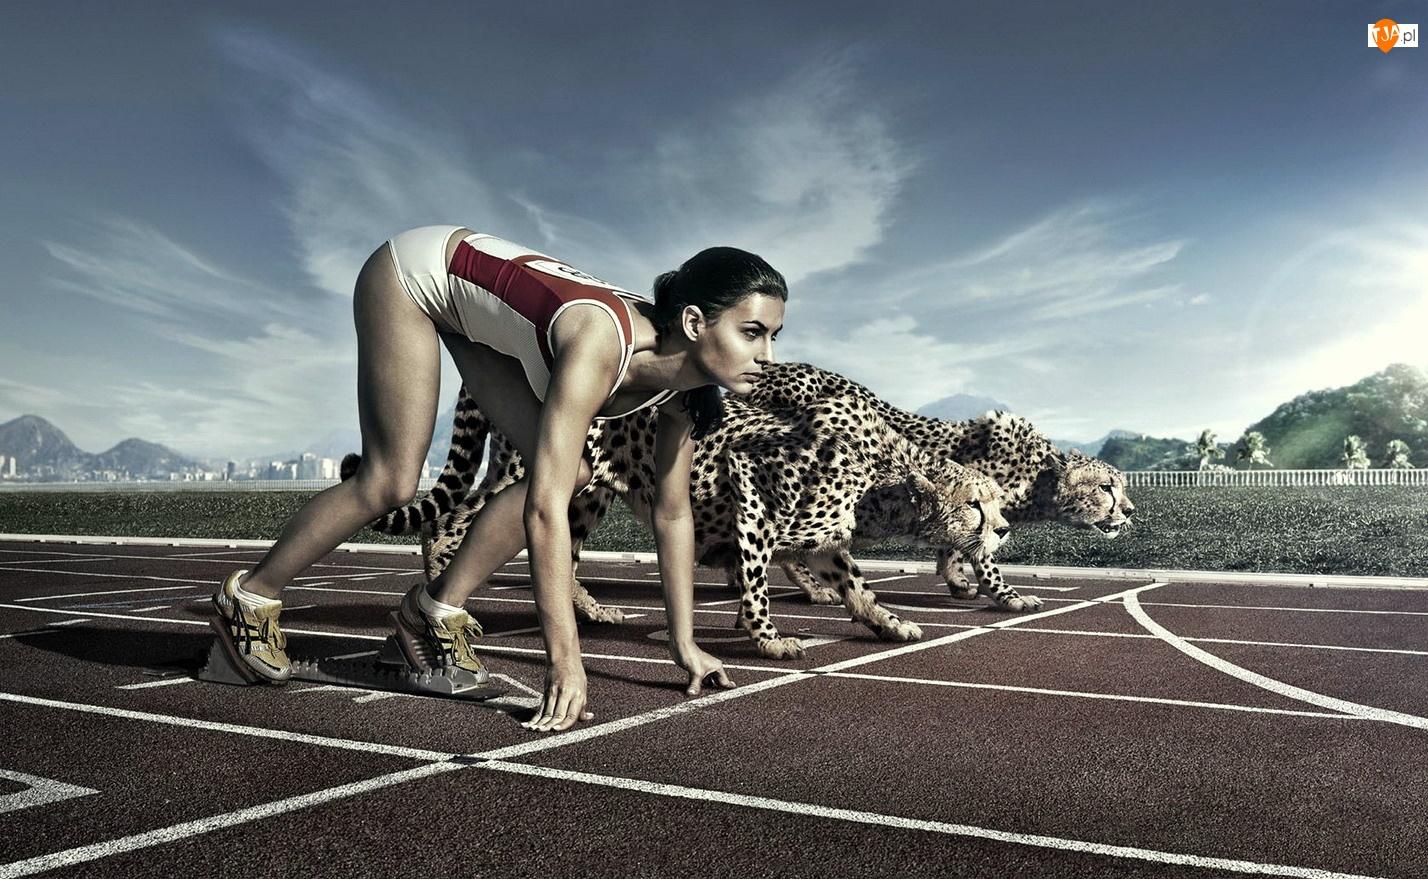 Gepard, Sport, Kobieta, Zawody, Bieżnia